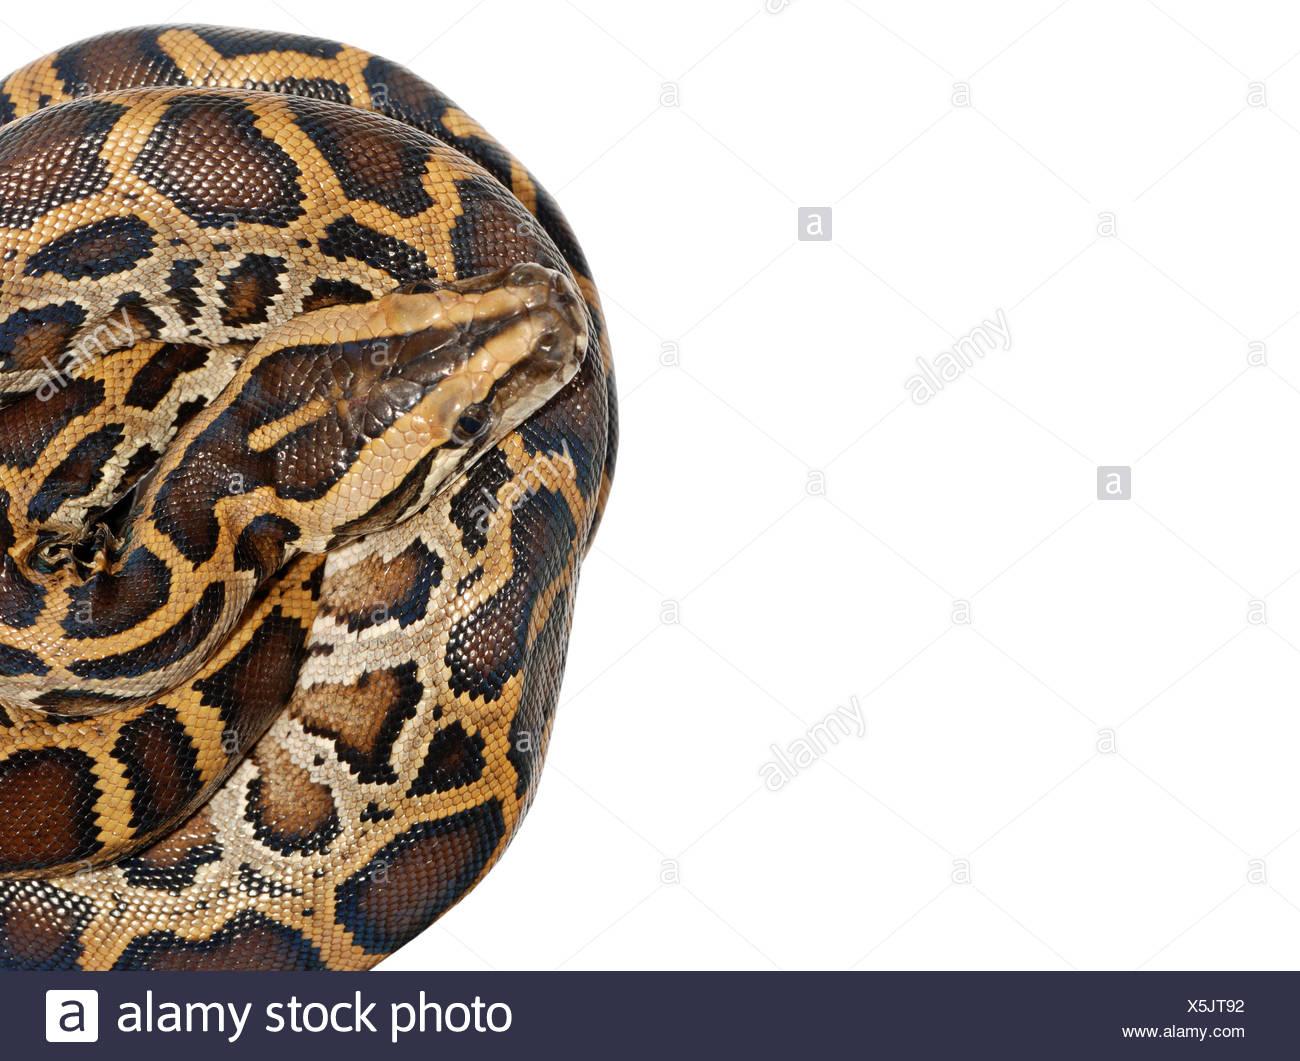 Boa serpiente cerrar aislado en blanco Imagen De Stock